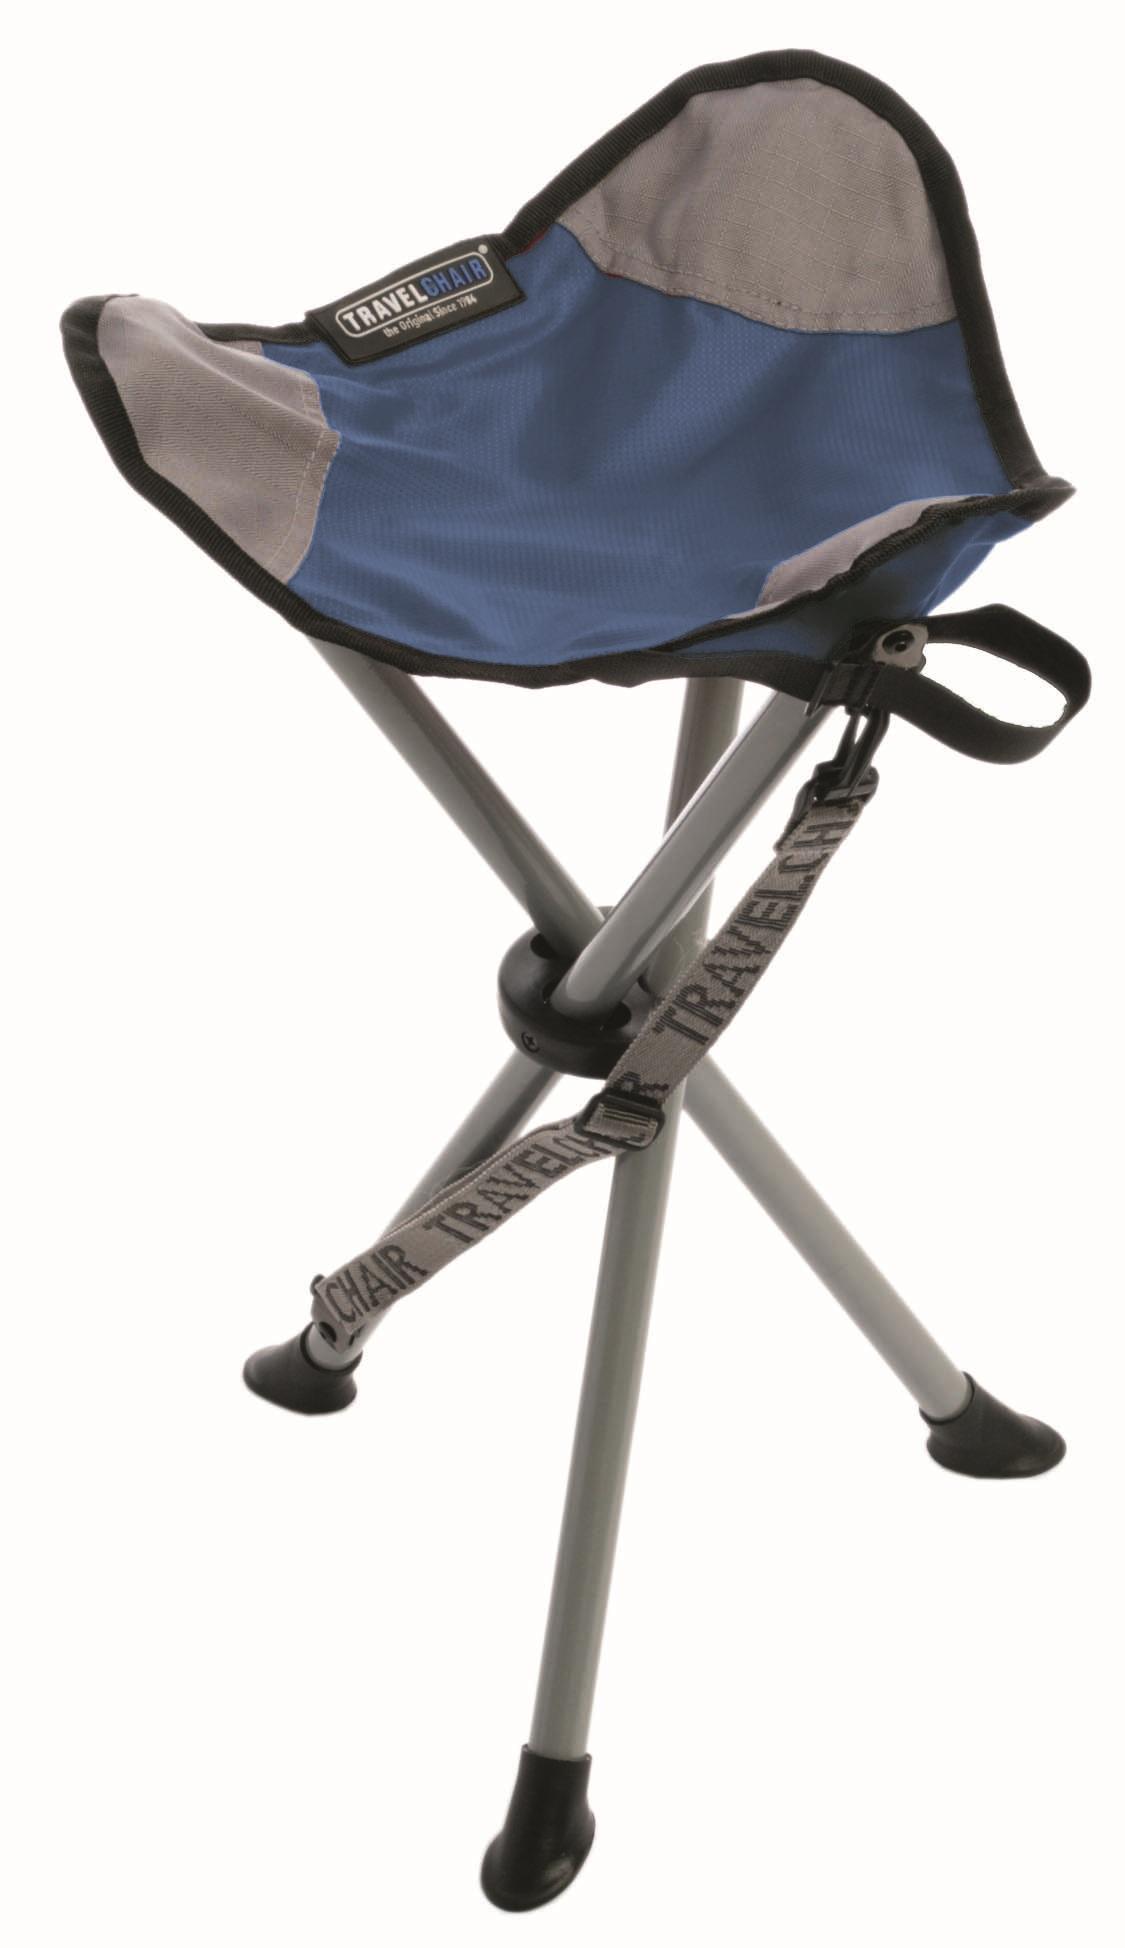 Travel Chair Slacker Stool Blue